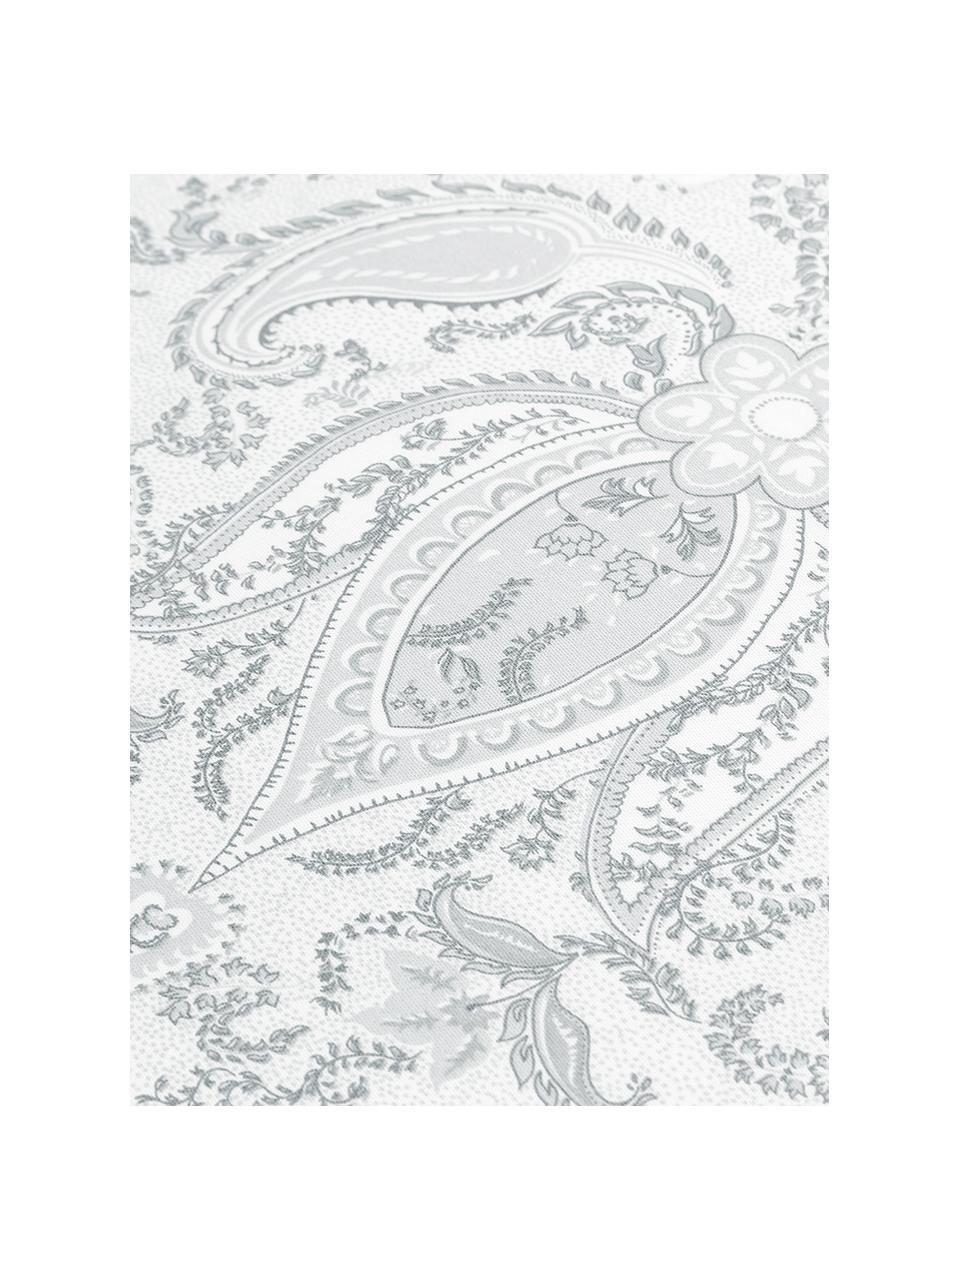 Baumwollsatin-Bettwäsche Grantham mit Paisley-Muster, Webart: Satin Fadendichte 200 TC,, Hellgrau, 135 x 200 cm + 1 Kissen 80 x 80 cm